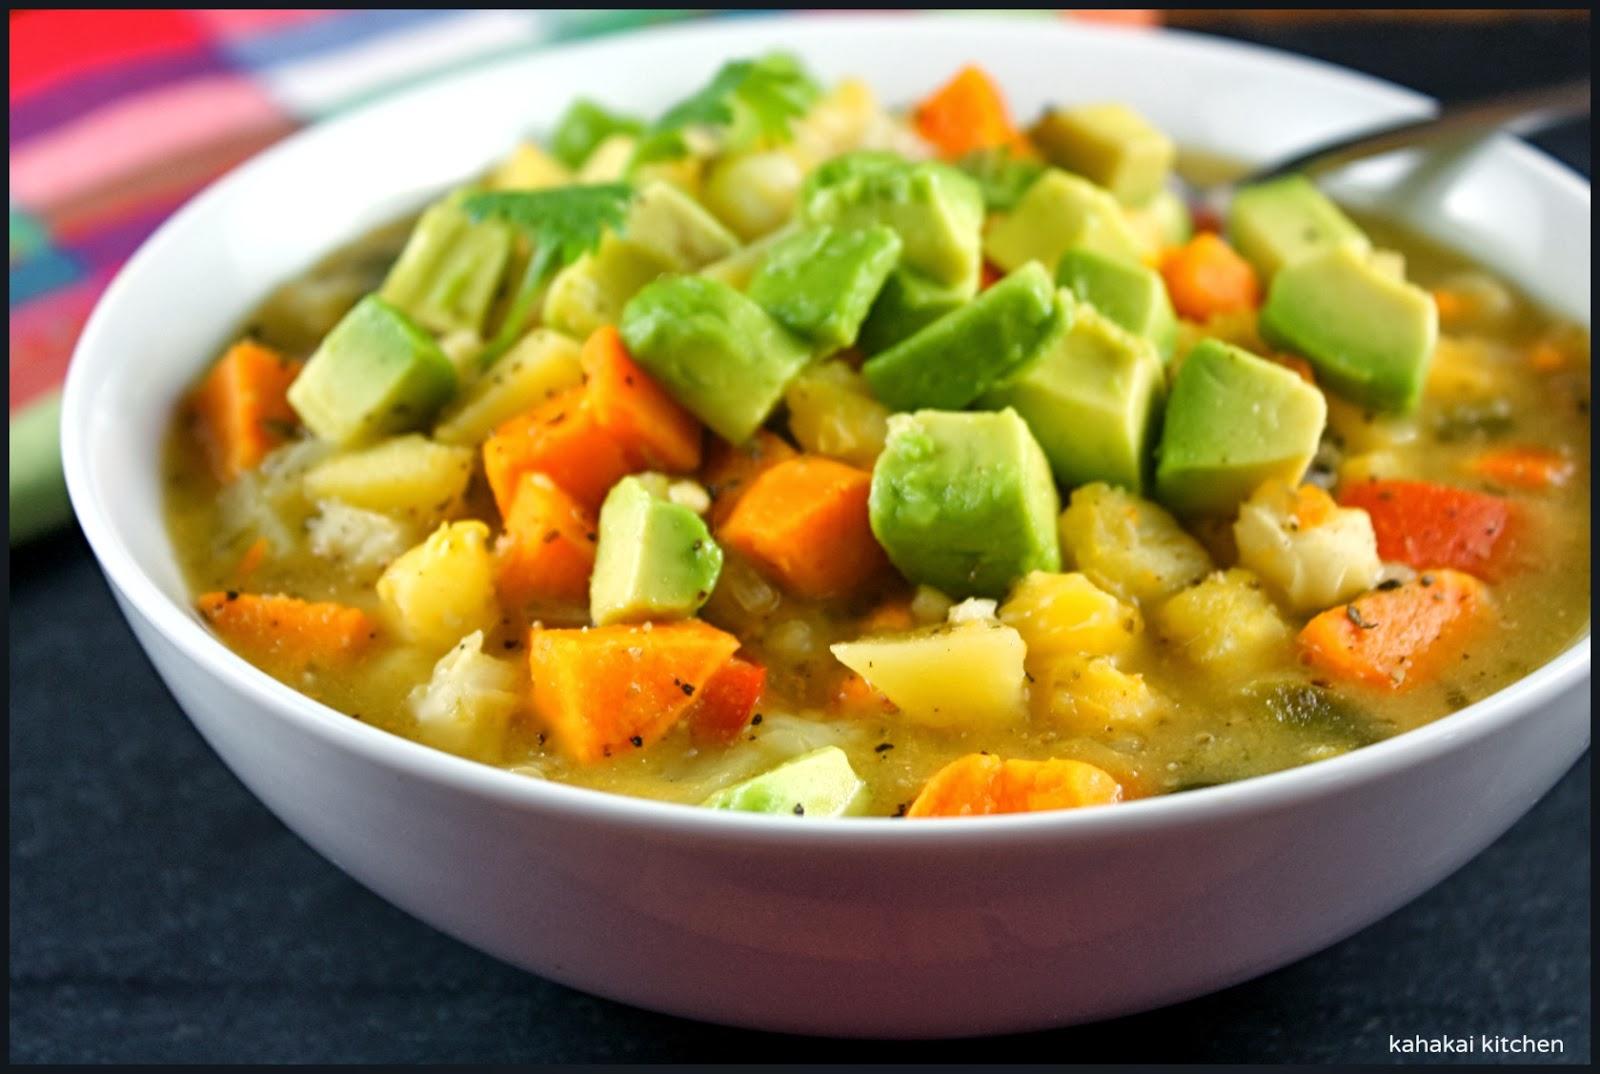 Kahakai Kitchen: Giada's Vegetarian Chili Verde: Bright ...